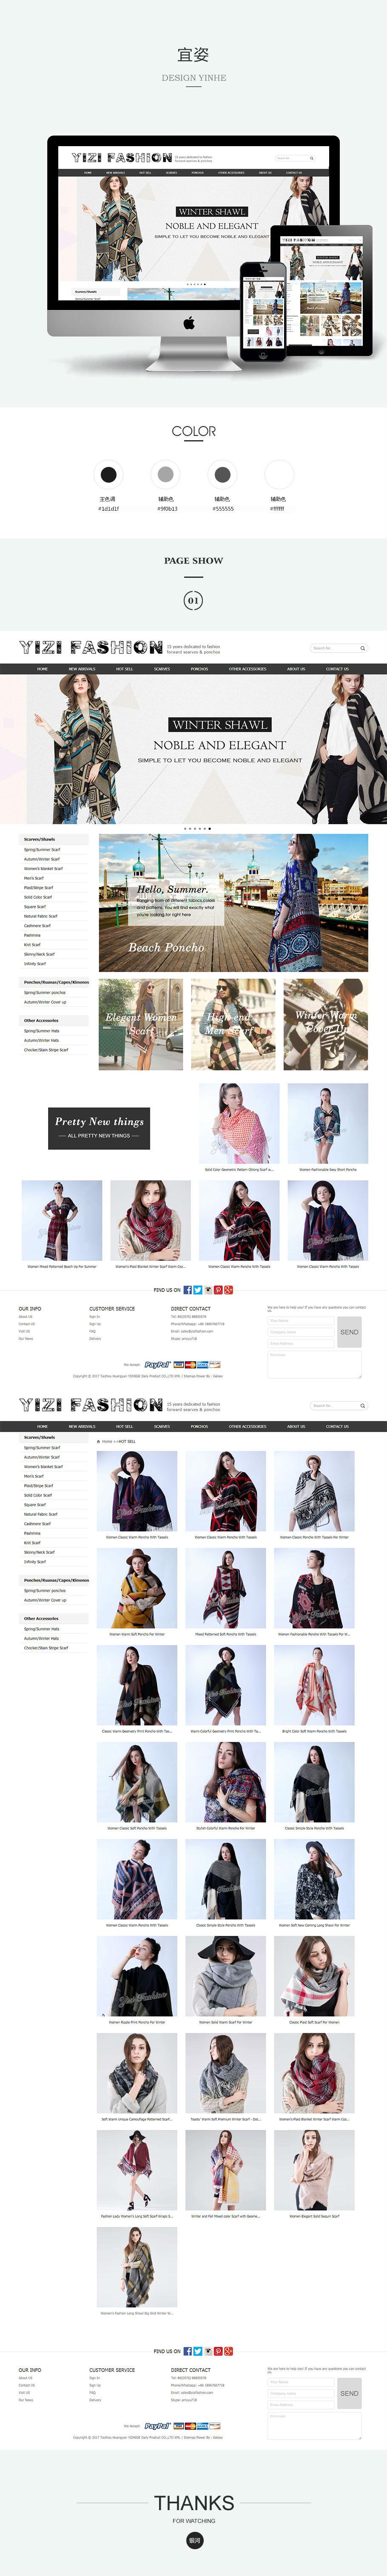 台州市宜姿服饰有限公司